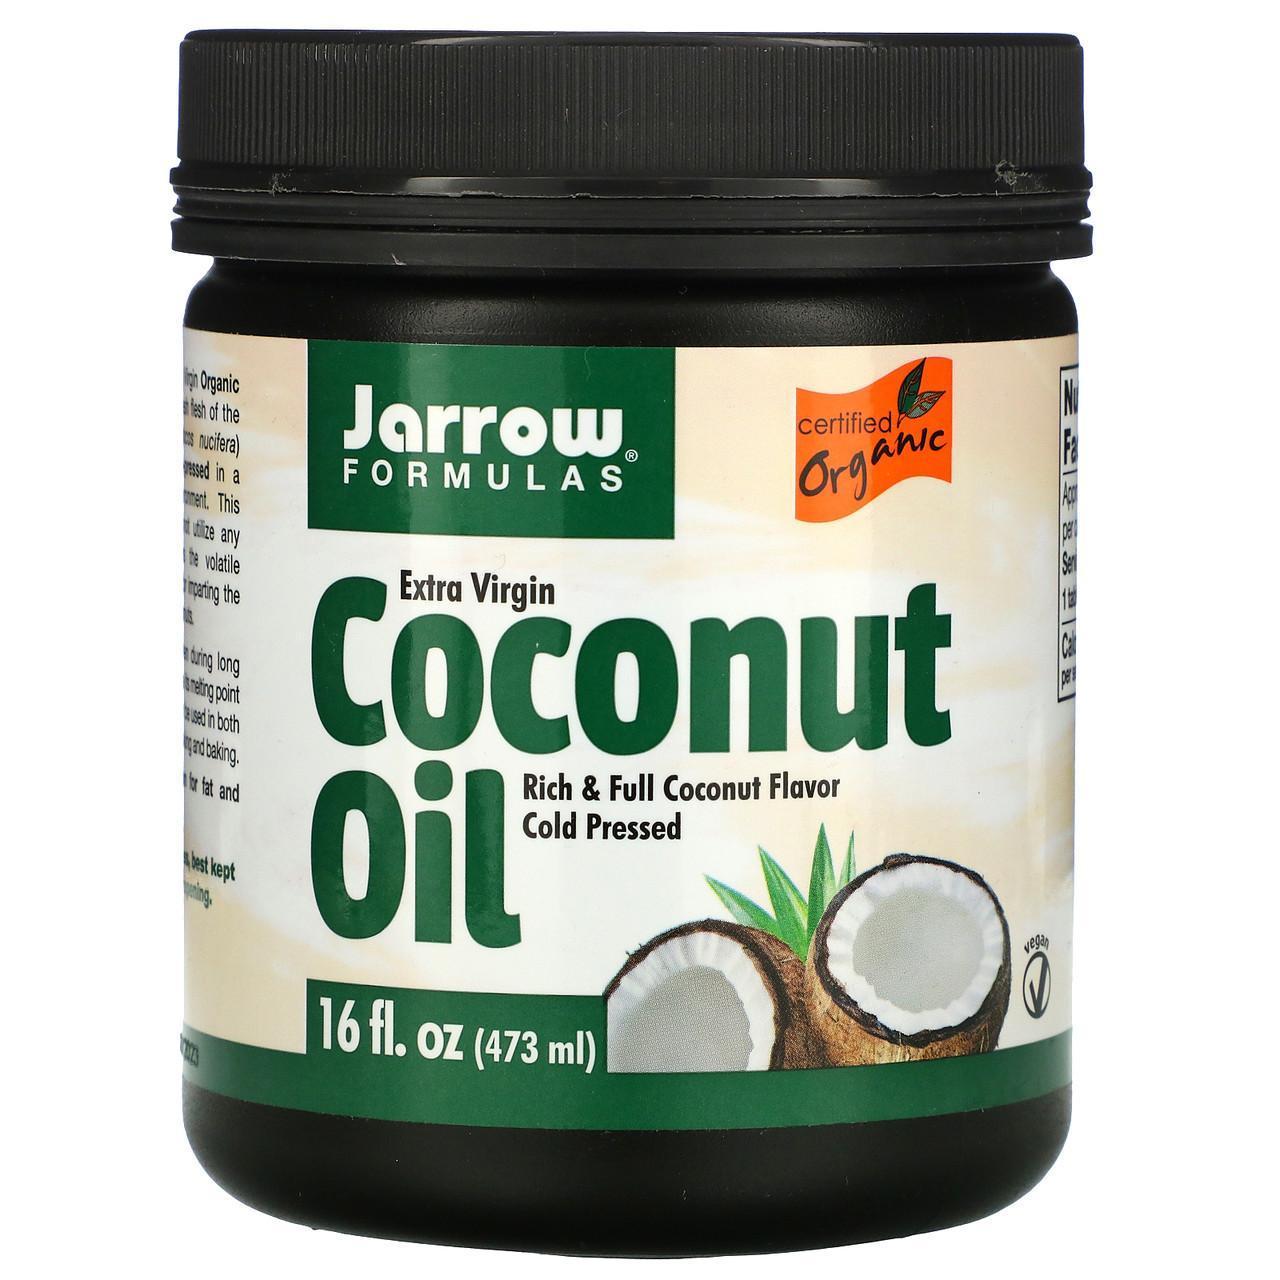 Органическое кокосовое масло холодного отжима, отжатое шнековым прессом, 473 мл Jarrow Formulas